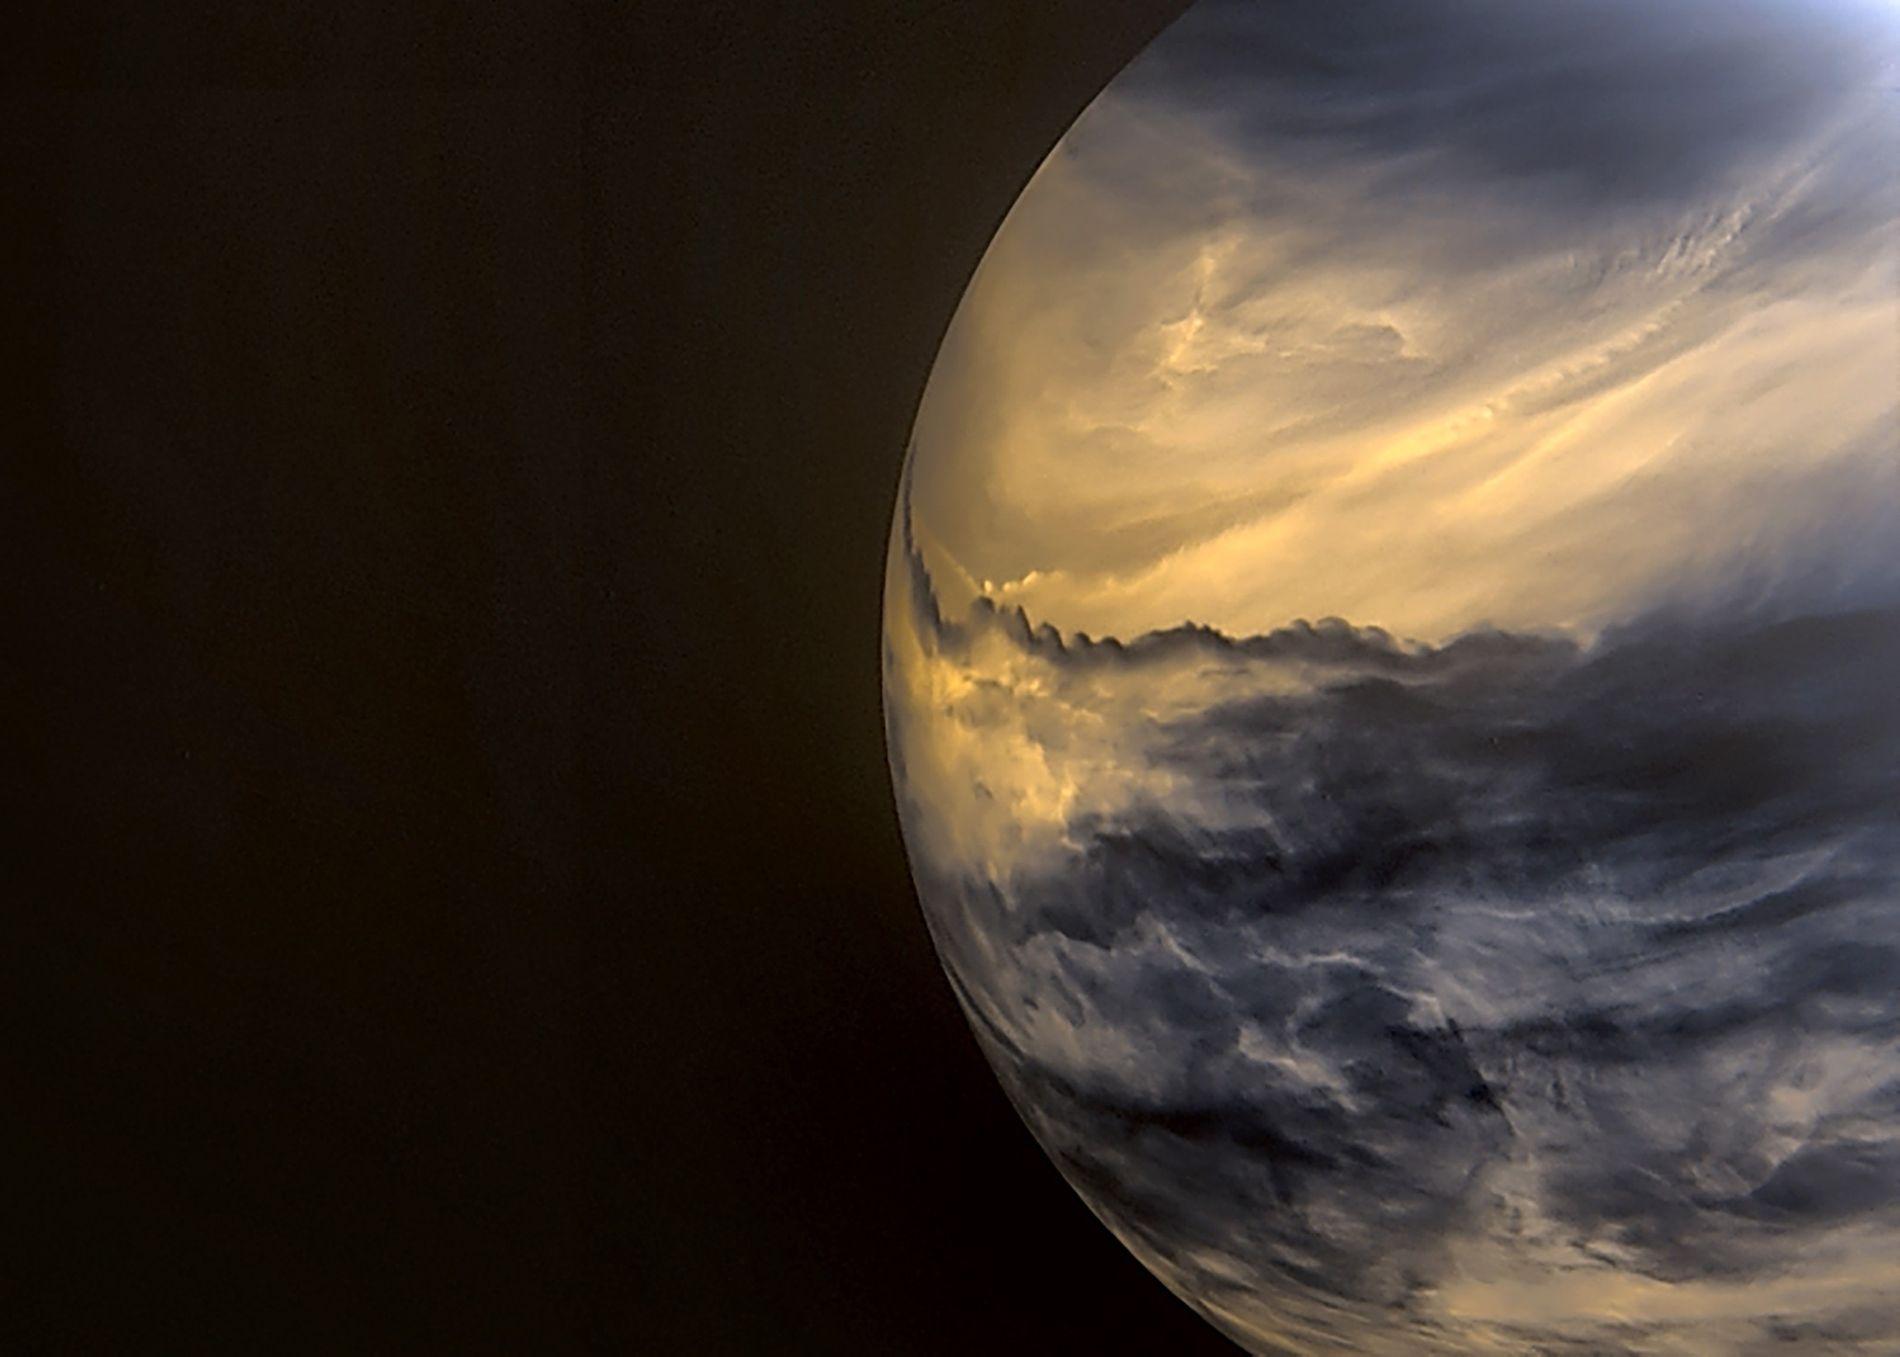 Y a-t-il une vie extraterrestre dans le Système solaire?